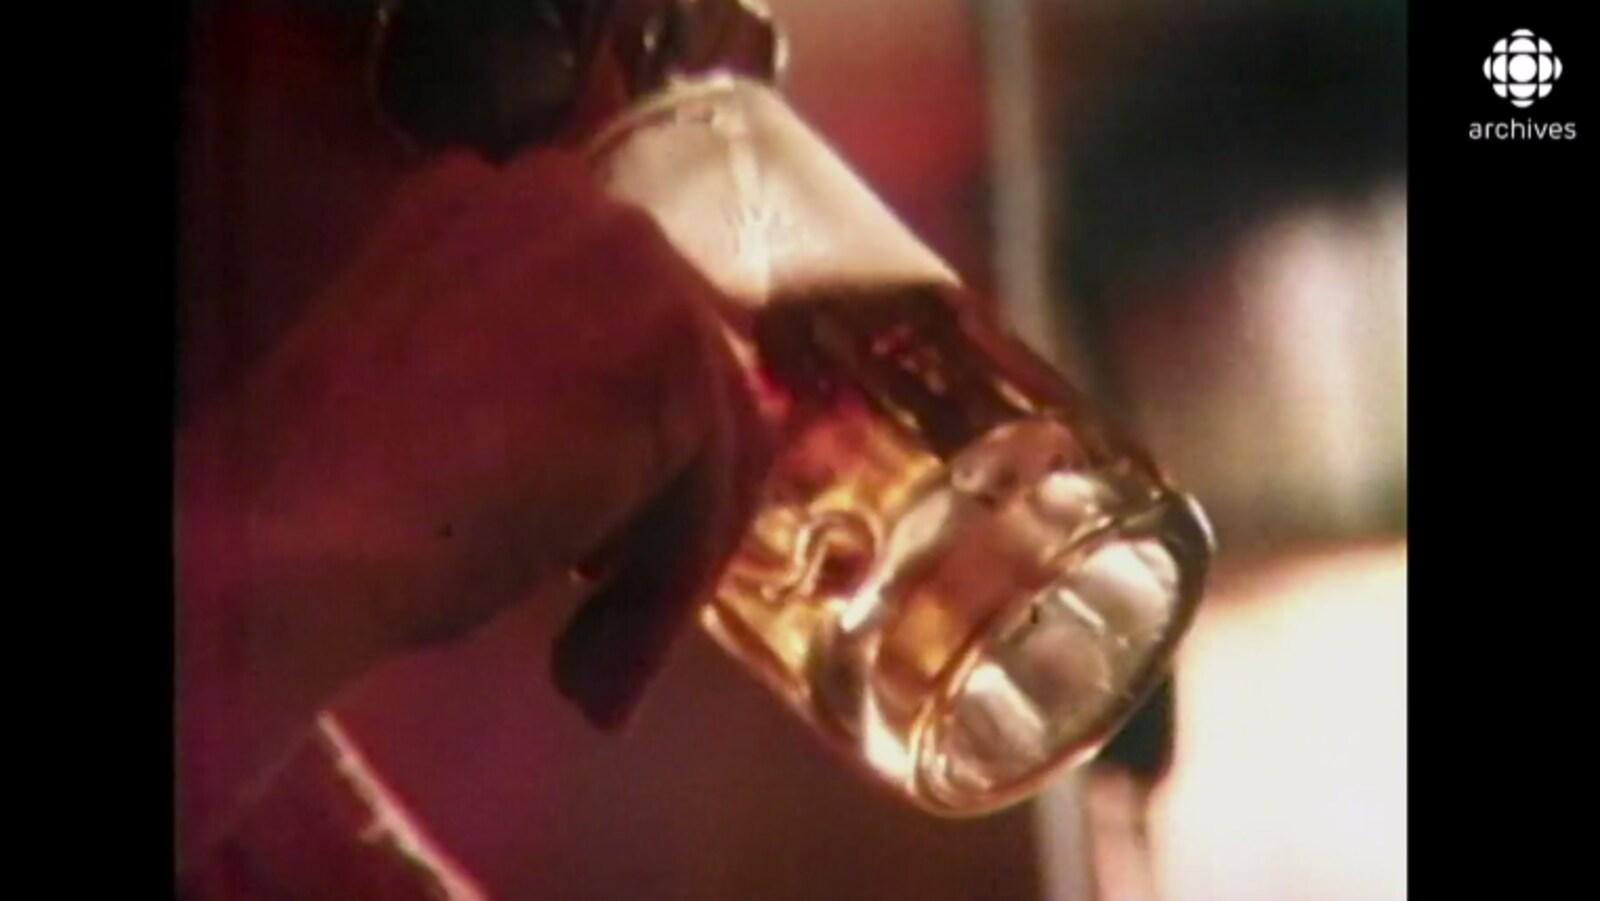 Un homme non reconnaissable boit une bière dans un gros verre.